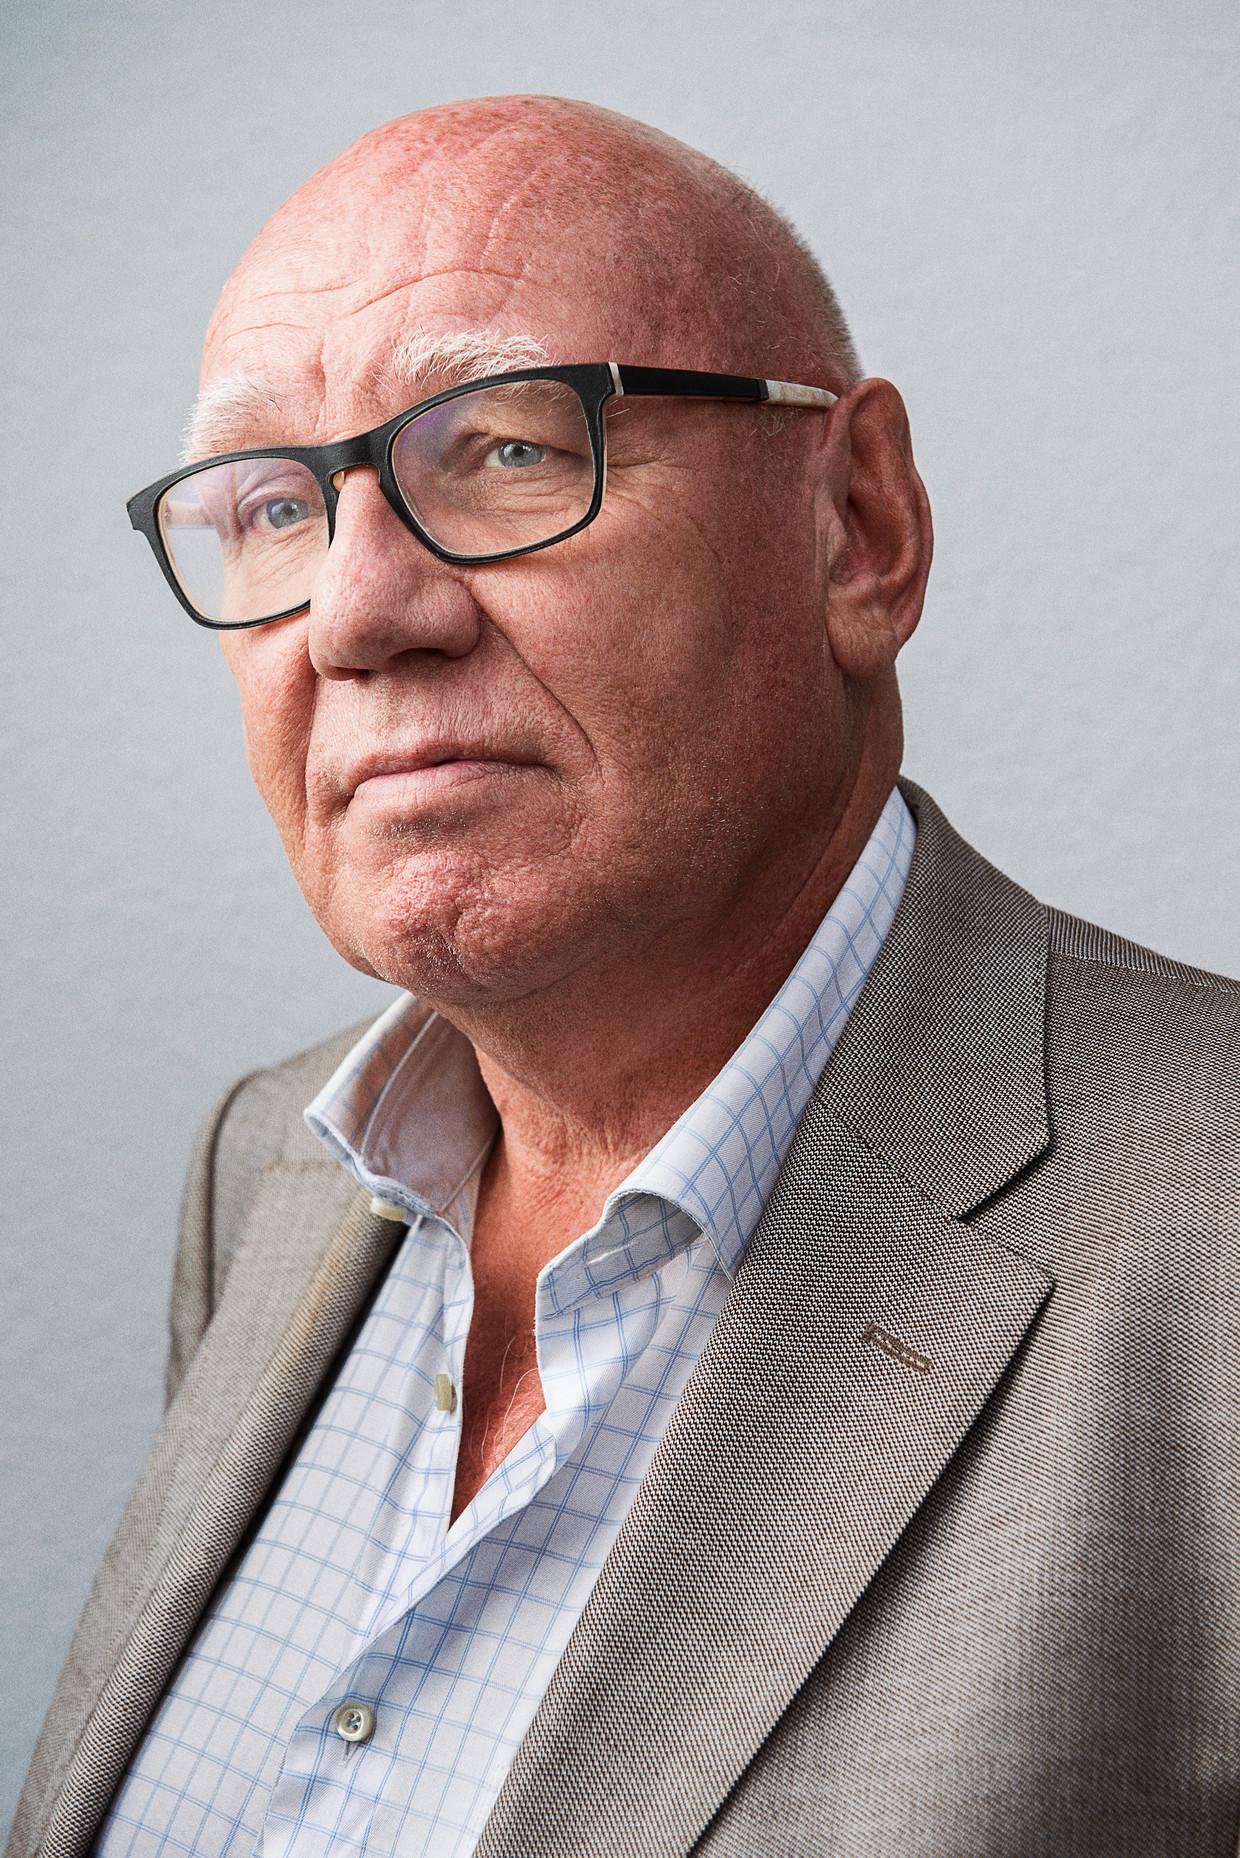 Kees Jansma: 'Ik hoop Wesley ervan te kunnen overtuigen om zichzelf weer een doel te stellen.'  Beeld Corné van der Stelt / Lumen